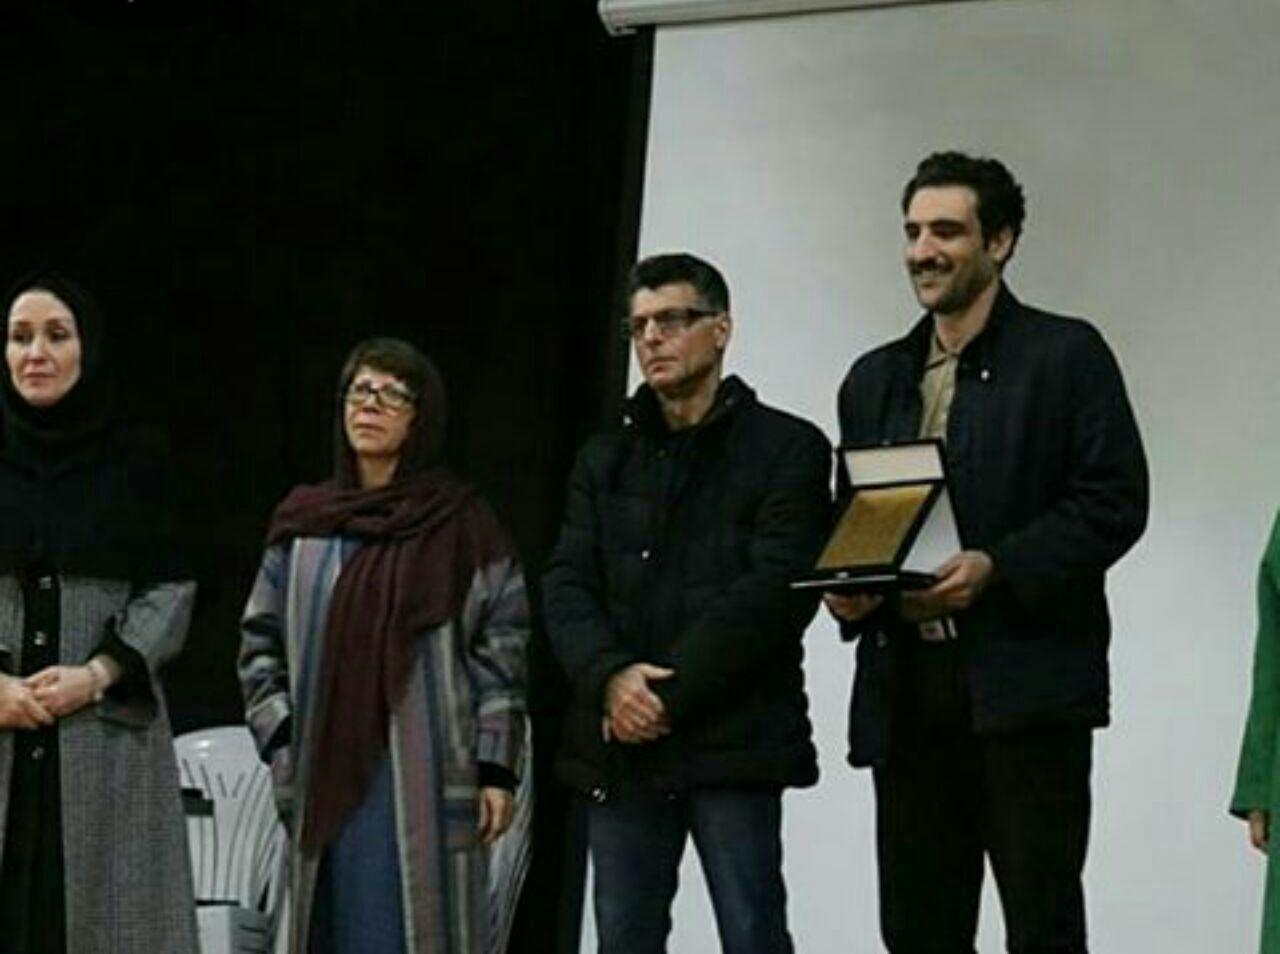 وحید شعبانی، برنده جایزه ادبی بیژن نجدی شد